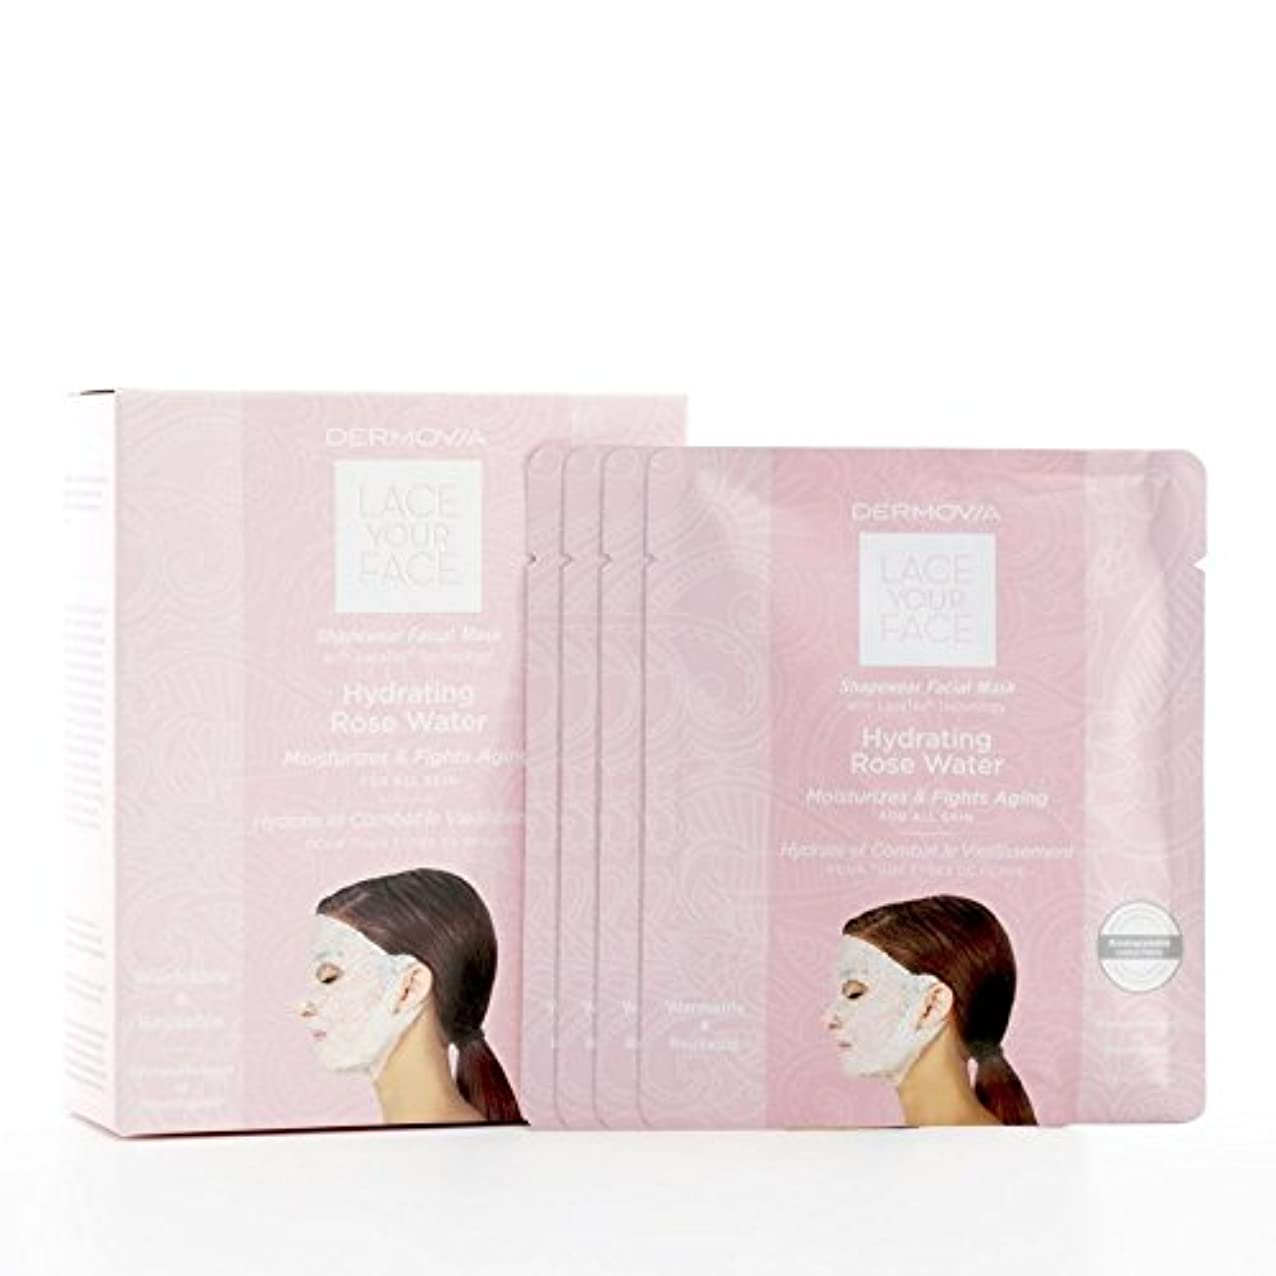 レビュー安息政権は、あなたの顔の圧縮フェイシャルマスク水和が水をバラレース x4 - Dermovia Lace Your Face Compression Facial Mask Hydrating Rose Water (Pack...